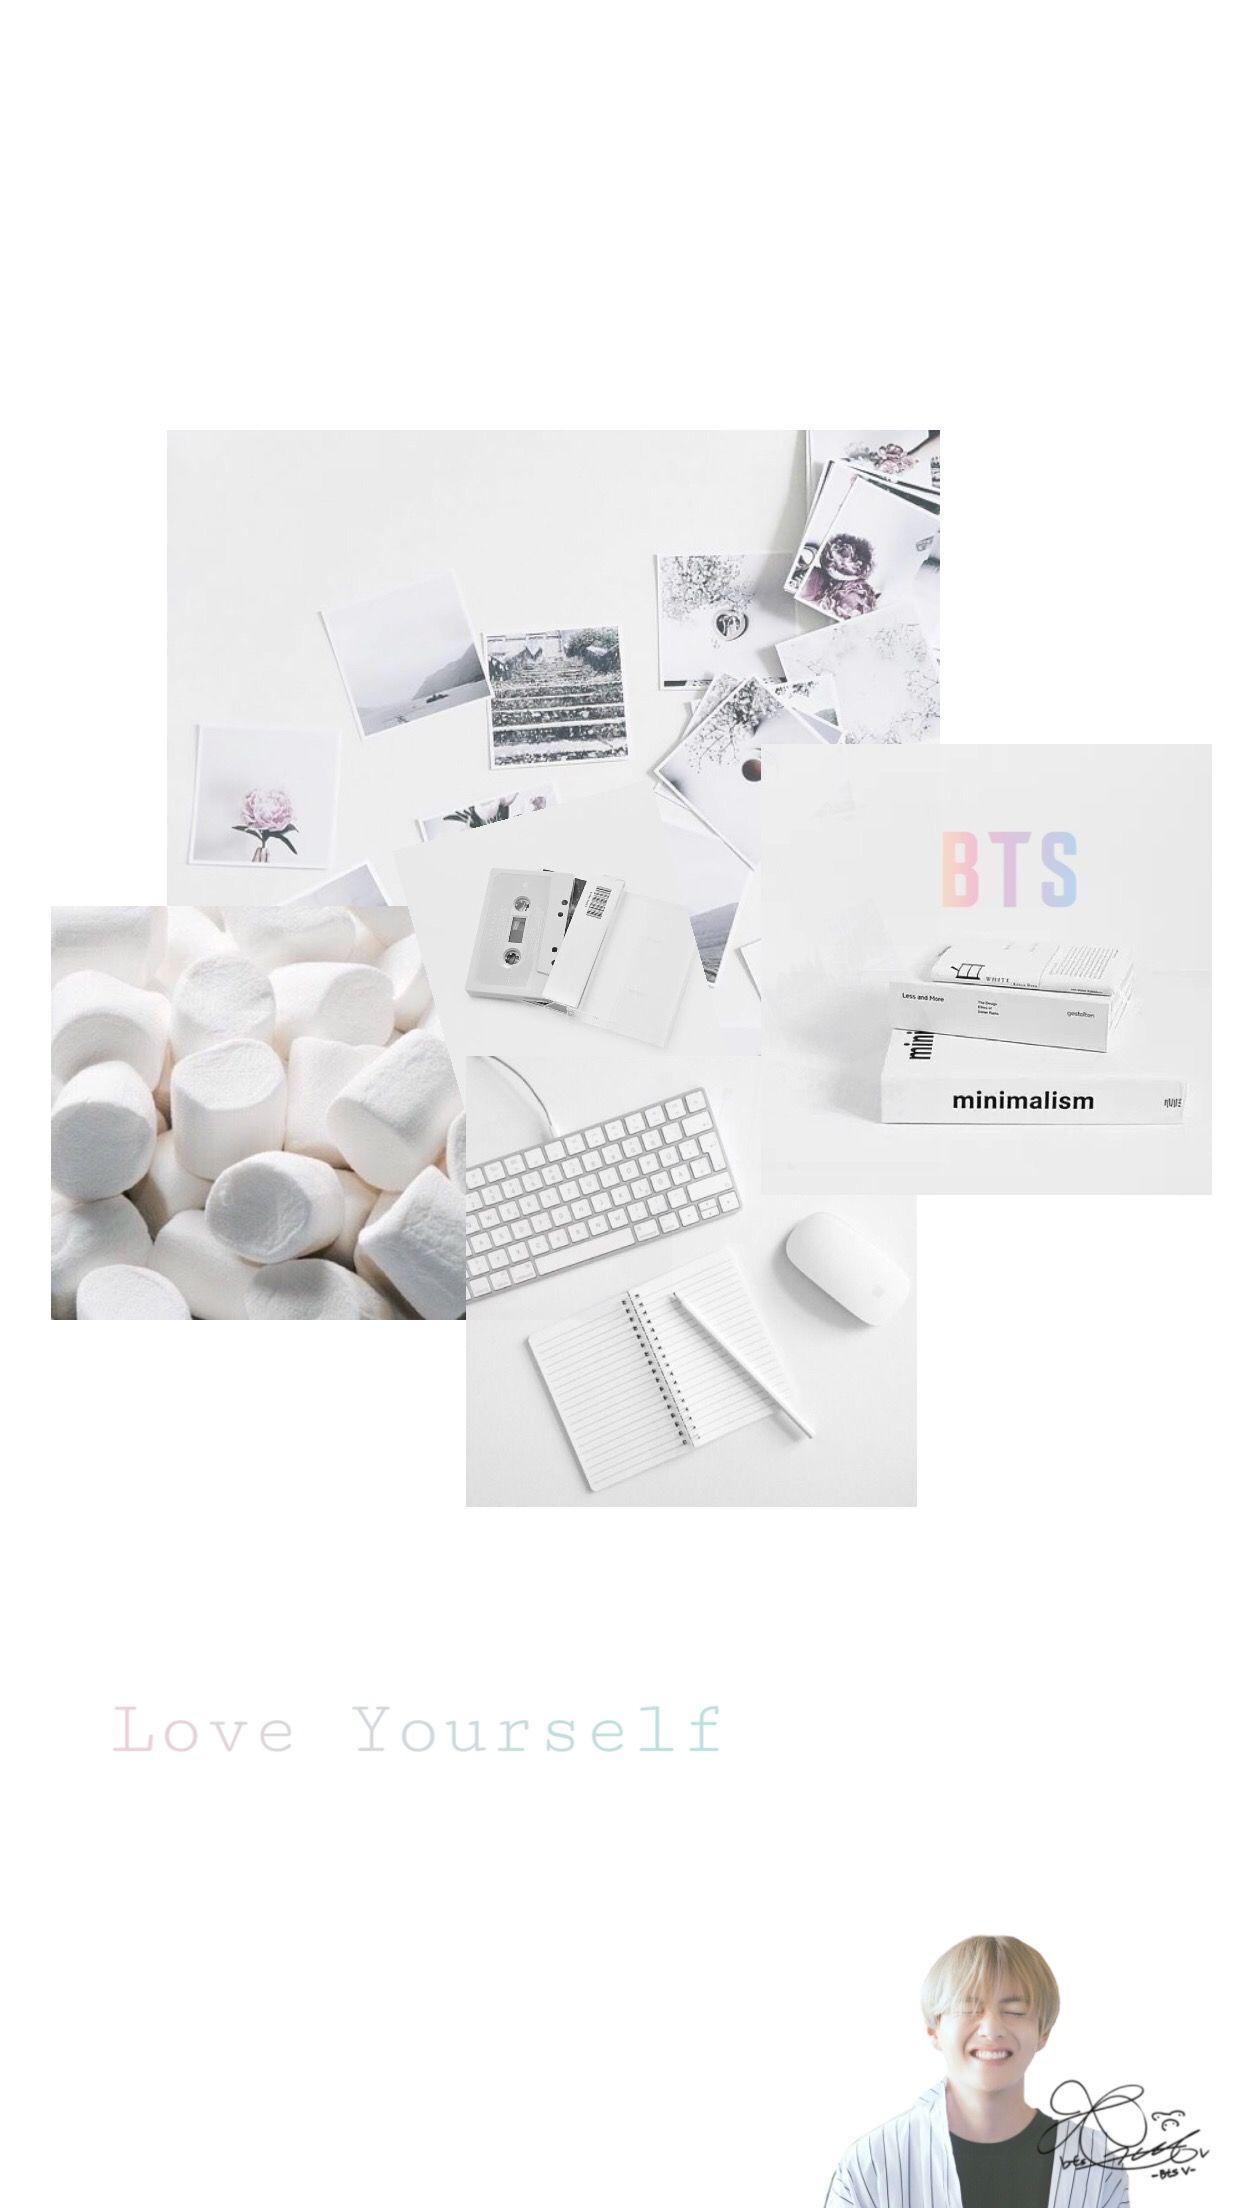 Bts V White Aesthetic Lockscreen Wallpaper Iphone Minimalist Wallpaper Bts Wallpaper Aesthetic Iphone Wallpaper